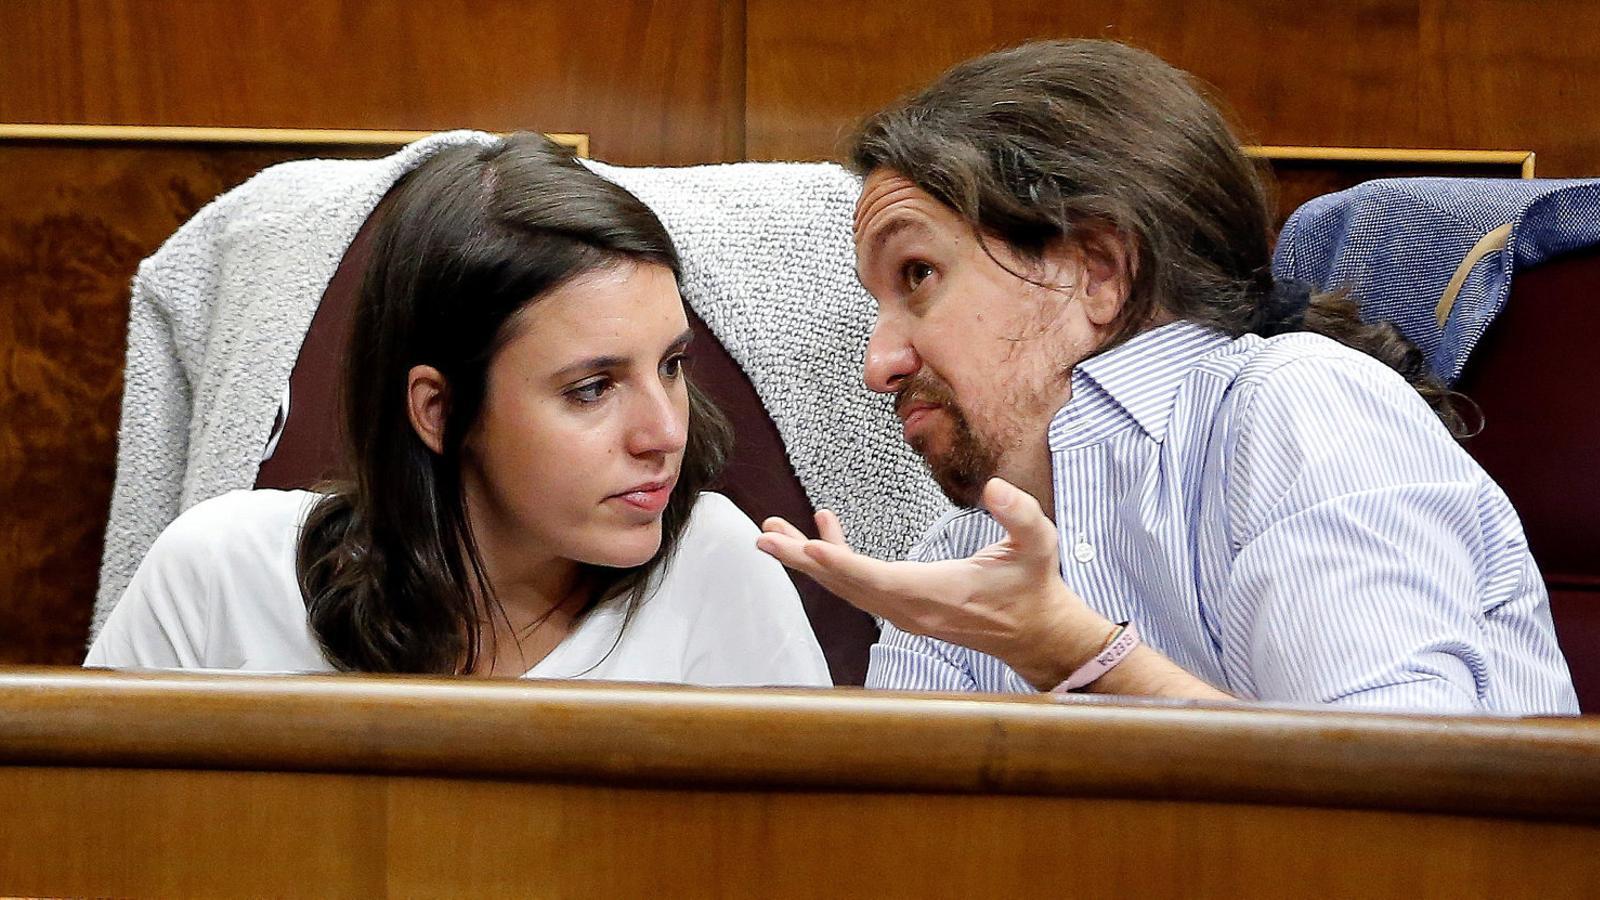 La portaveu de Podem al Congrés, Irene Montero, i el líder de la formació, Pablo Iglesias, conversant a la bancada de la cambra espanyola.